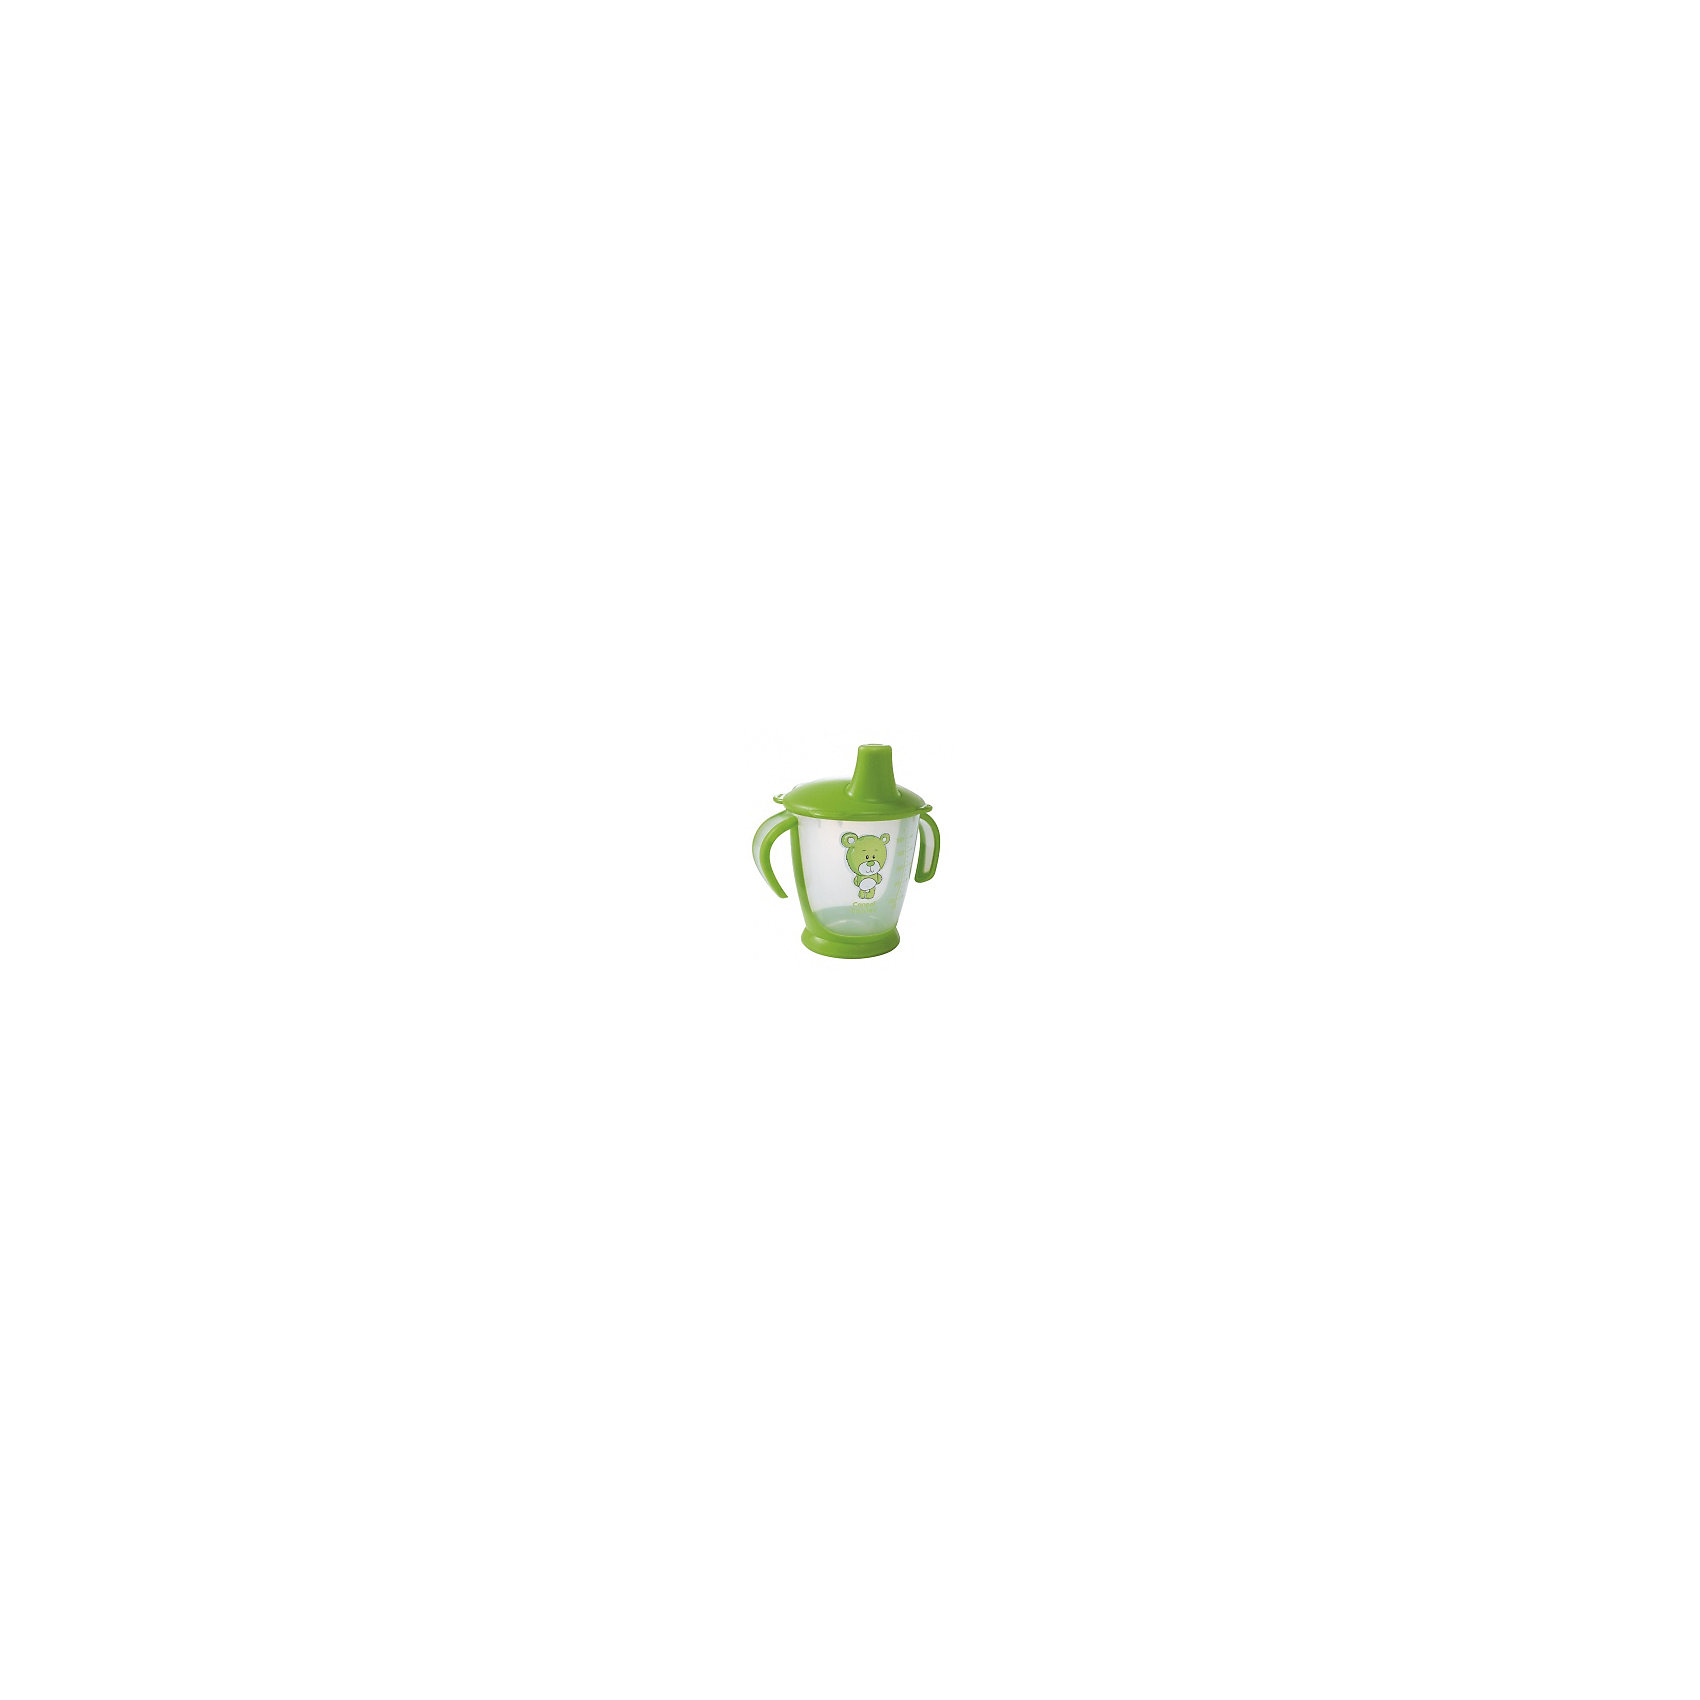 Поильник-непроливайка Медвежонок, 250 мл., Canpol Babies, зеленыйПоильник-непроливайка Медвежонок от Canpol (Канпол) в ассортименте идеально подойдет для малышей, которые учатся пить из чашки. Удобные фигурные ручки позволяют ребенку легко держать поильник. Герметичная крышка оснащена специальным мягким носиком для питья, который не раздражает десны малыша и помогает ему комфортно перейти от кормления из бутылочки к питью из чашки.<br><br>Специальные клапаны предотвращают проливание жидкости, если поильник упадет или перевернется. Нескользящее дно обеспечивает поильнику устойчивое положение. Когда ребенок подрастет крышку можно снять и использовать поильник как обычную чашку. Поильник имеет яркий привлекательный для ребенка дизайн и украшен забавным рисунком медвежонка, имеется шкала с делениями, показывающая объем налитой жидкости.<br><br>Дополнительная информация:<br><br>- Материал: полипропилен.<br>- Объем: 250 мл.<br>- Размер упаковки: 15 х 11 х 9 см.<br>- Вес: 71 гр.<br><br>Поильник-непроливайку Медвежонок, Canpol (Канпол) можно купить в нашем интернет-магазине.<br><br>Ширина мм: 150<br>Глубина мм: 114<br>Высота мм: 90<br>Вес г: 88<br>Цвет: зеленый<br>Возраст от месяцев: 9<br>Возраст до месяцев: 36<br>Пол: Унисекс<br>Возраст: Детский<br>SKU: 4340052